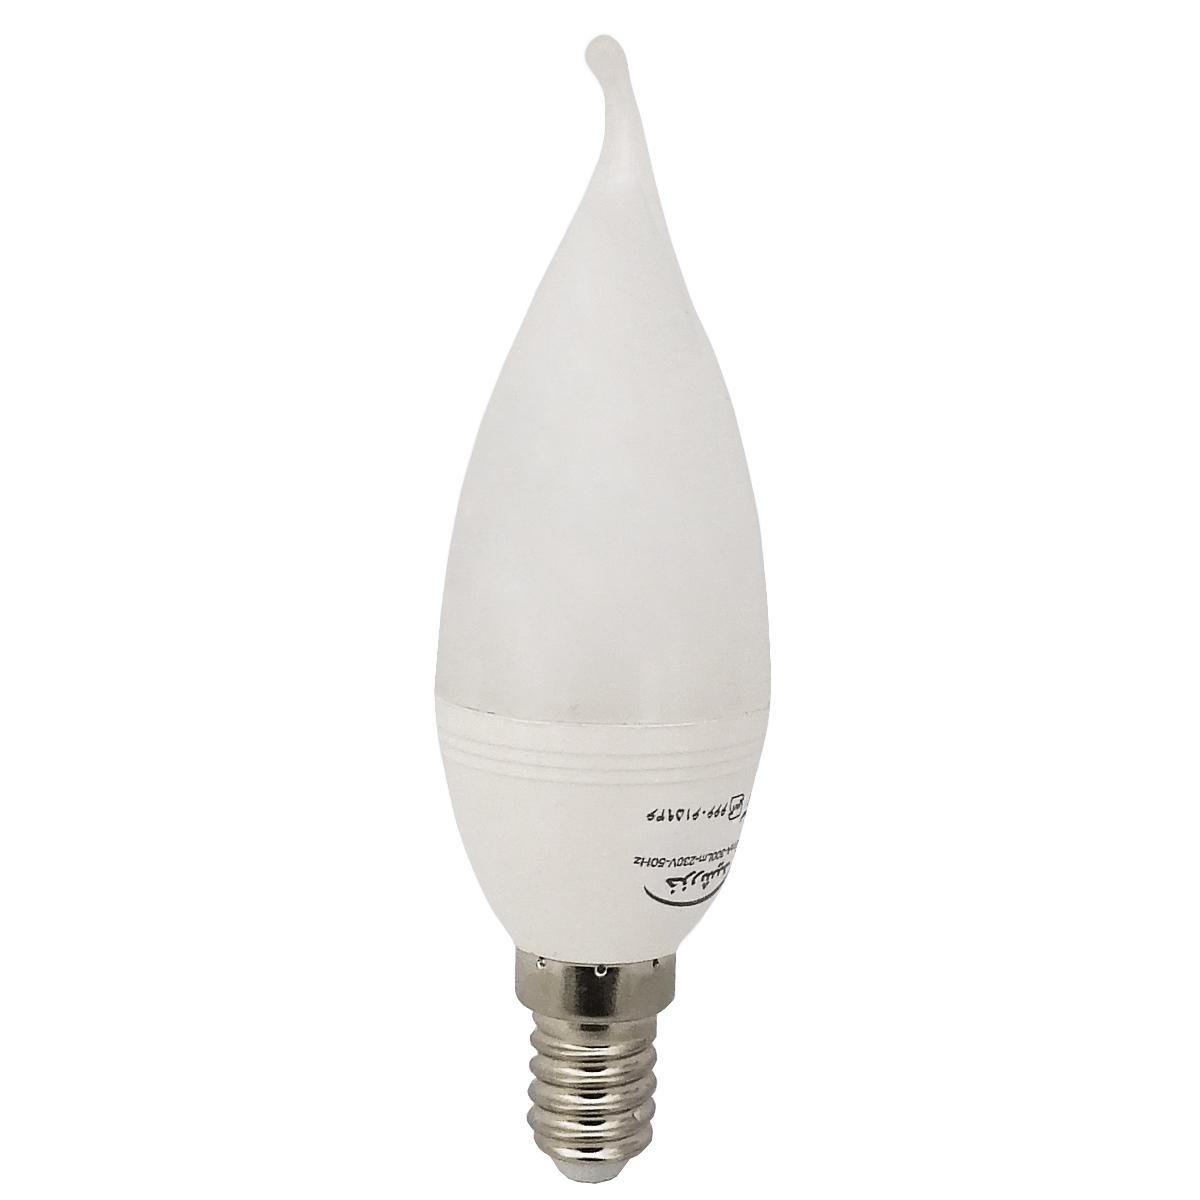 لامپ ال ای دی 3 وات خزرشید مدل K330 پایه E14